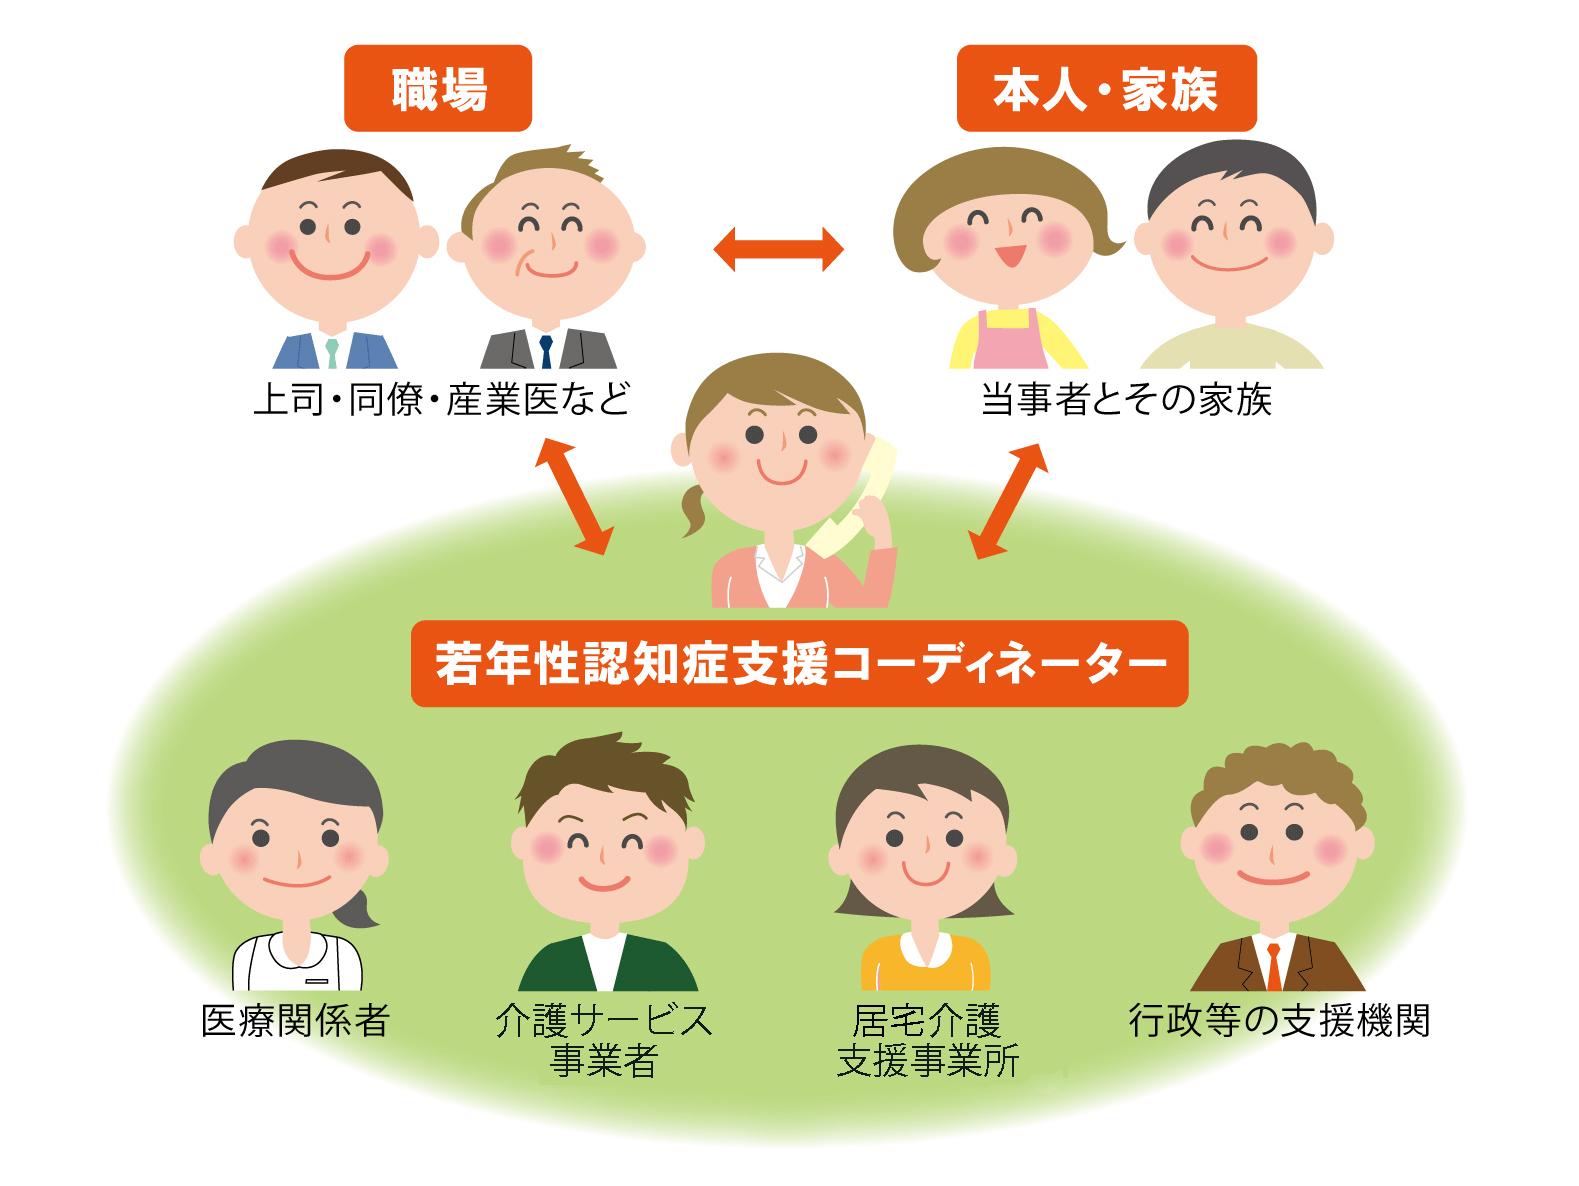 若年性認知症支援コーディネーター説明図